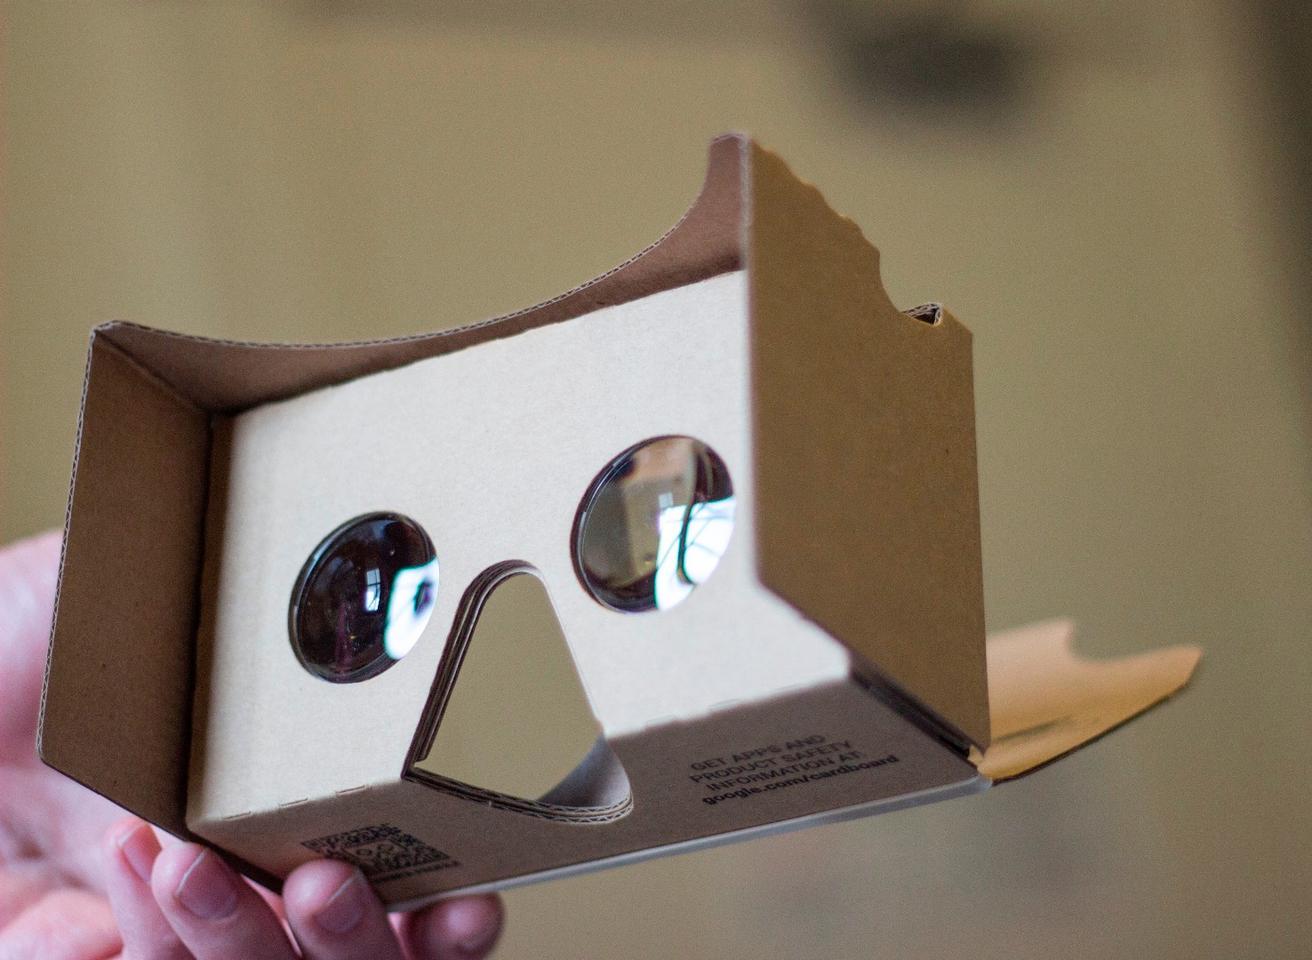 A put-together Google Cardboard 2 kit